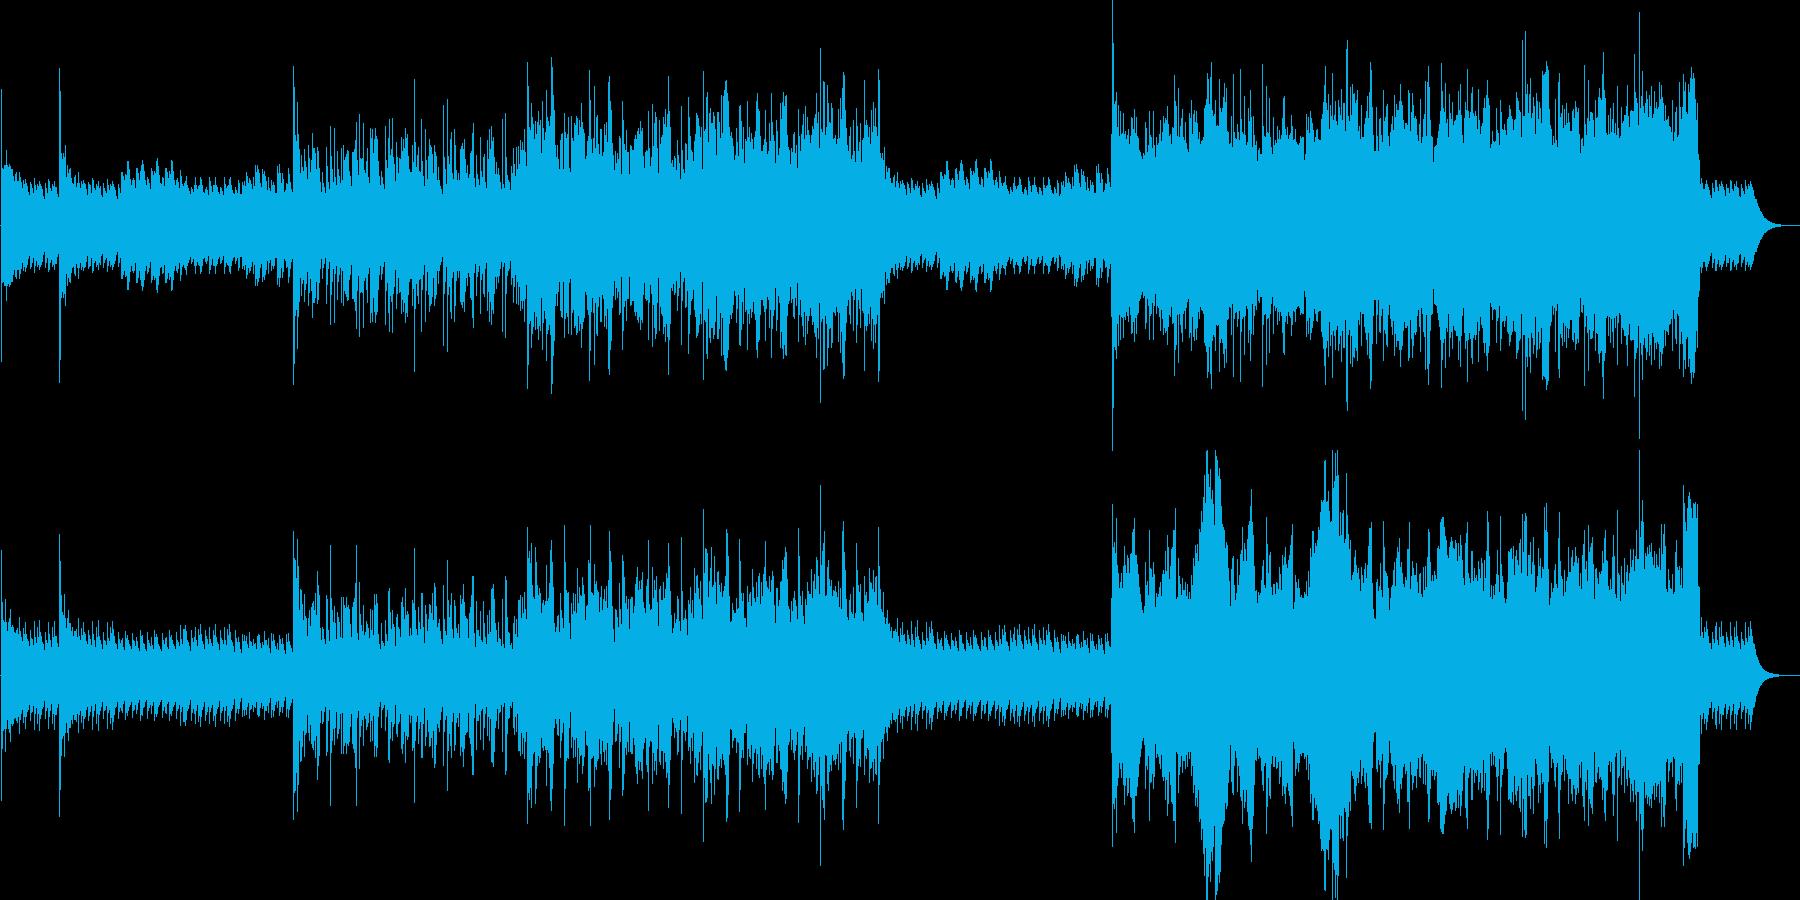 説明動画、きっかけ、段々増える、民族楽器の再生済みの波形